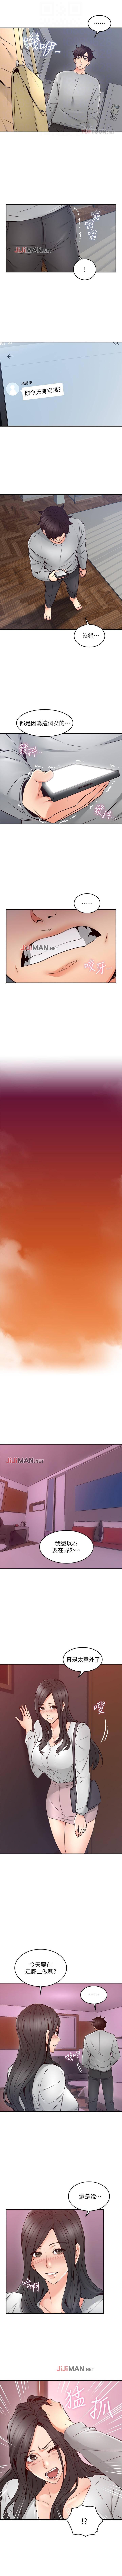 【周六更新】邻居人妻(作者:李周元 & 頸枕) 第1~50话 151